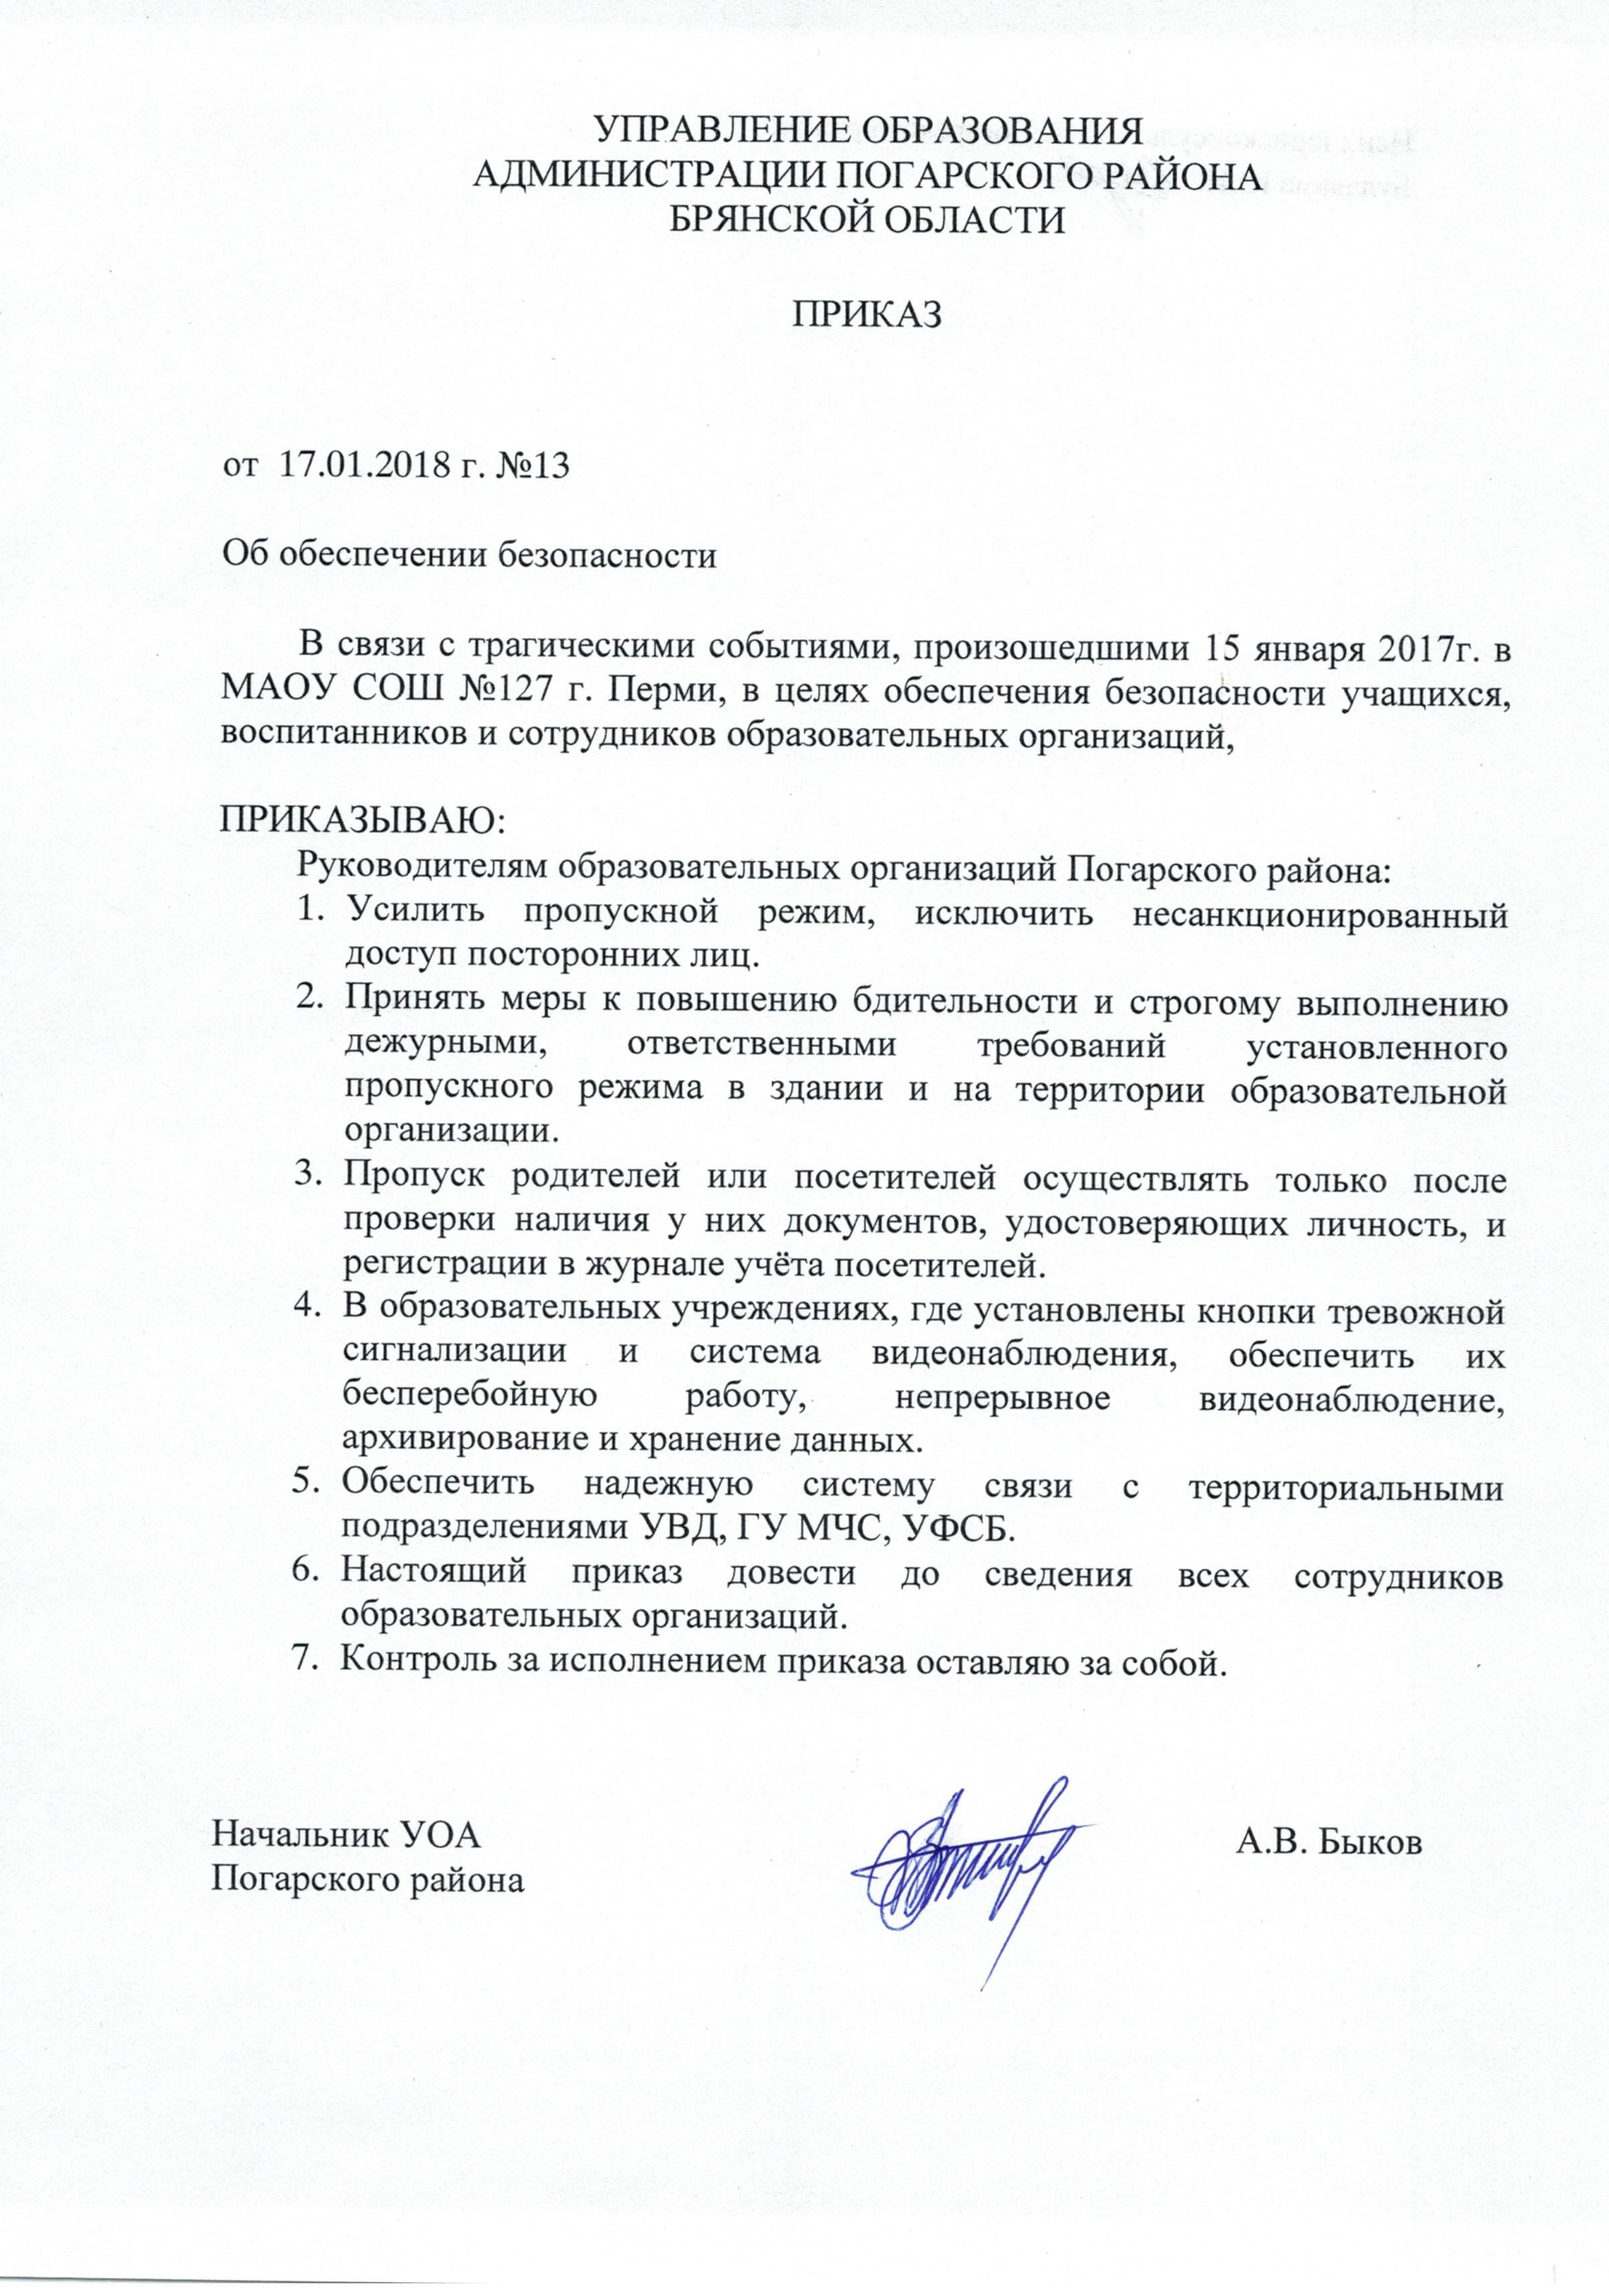 Приказ УОА Погарского р-на №13  Об обеспечении безопасности